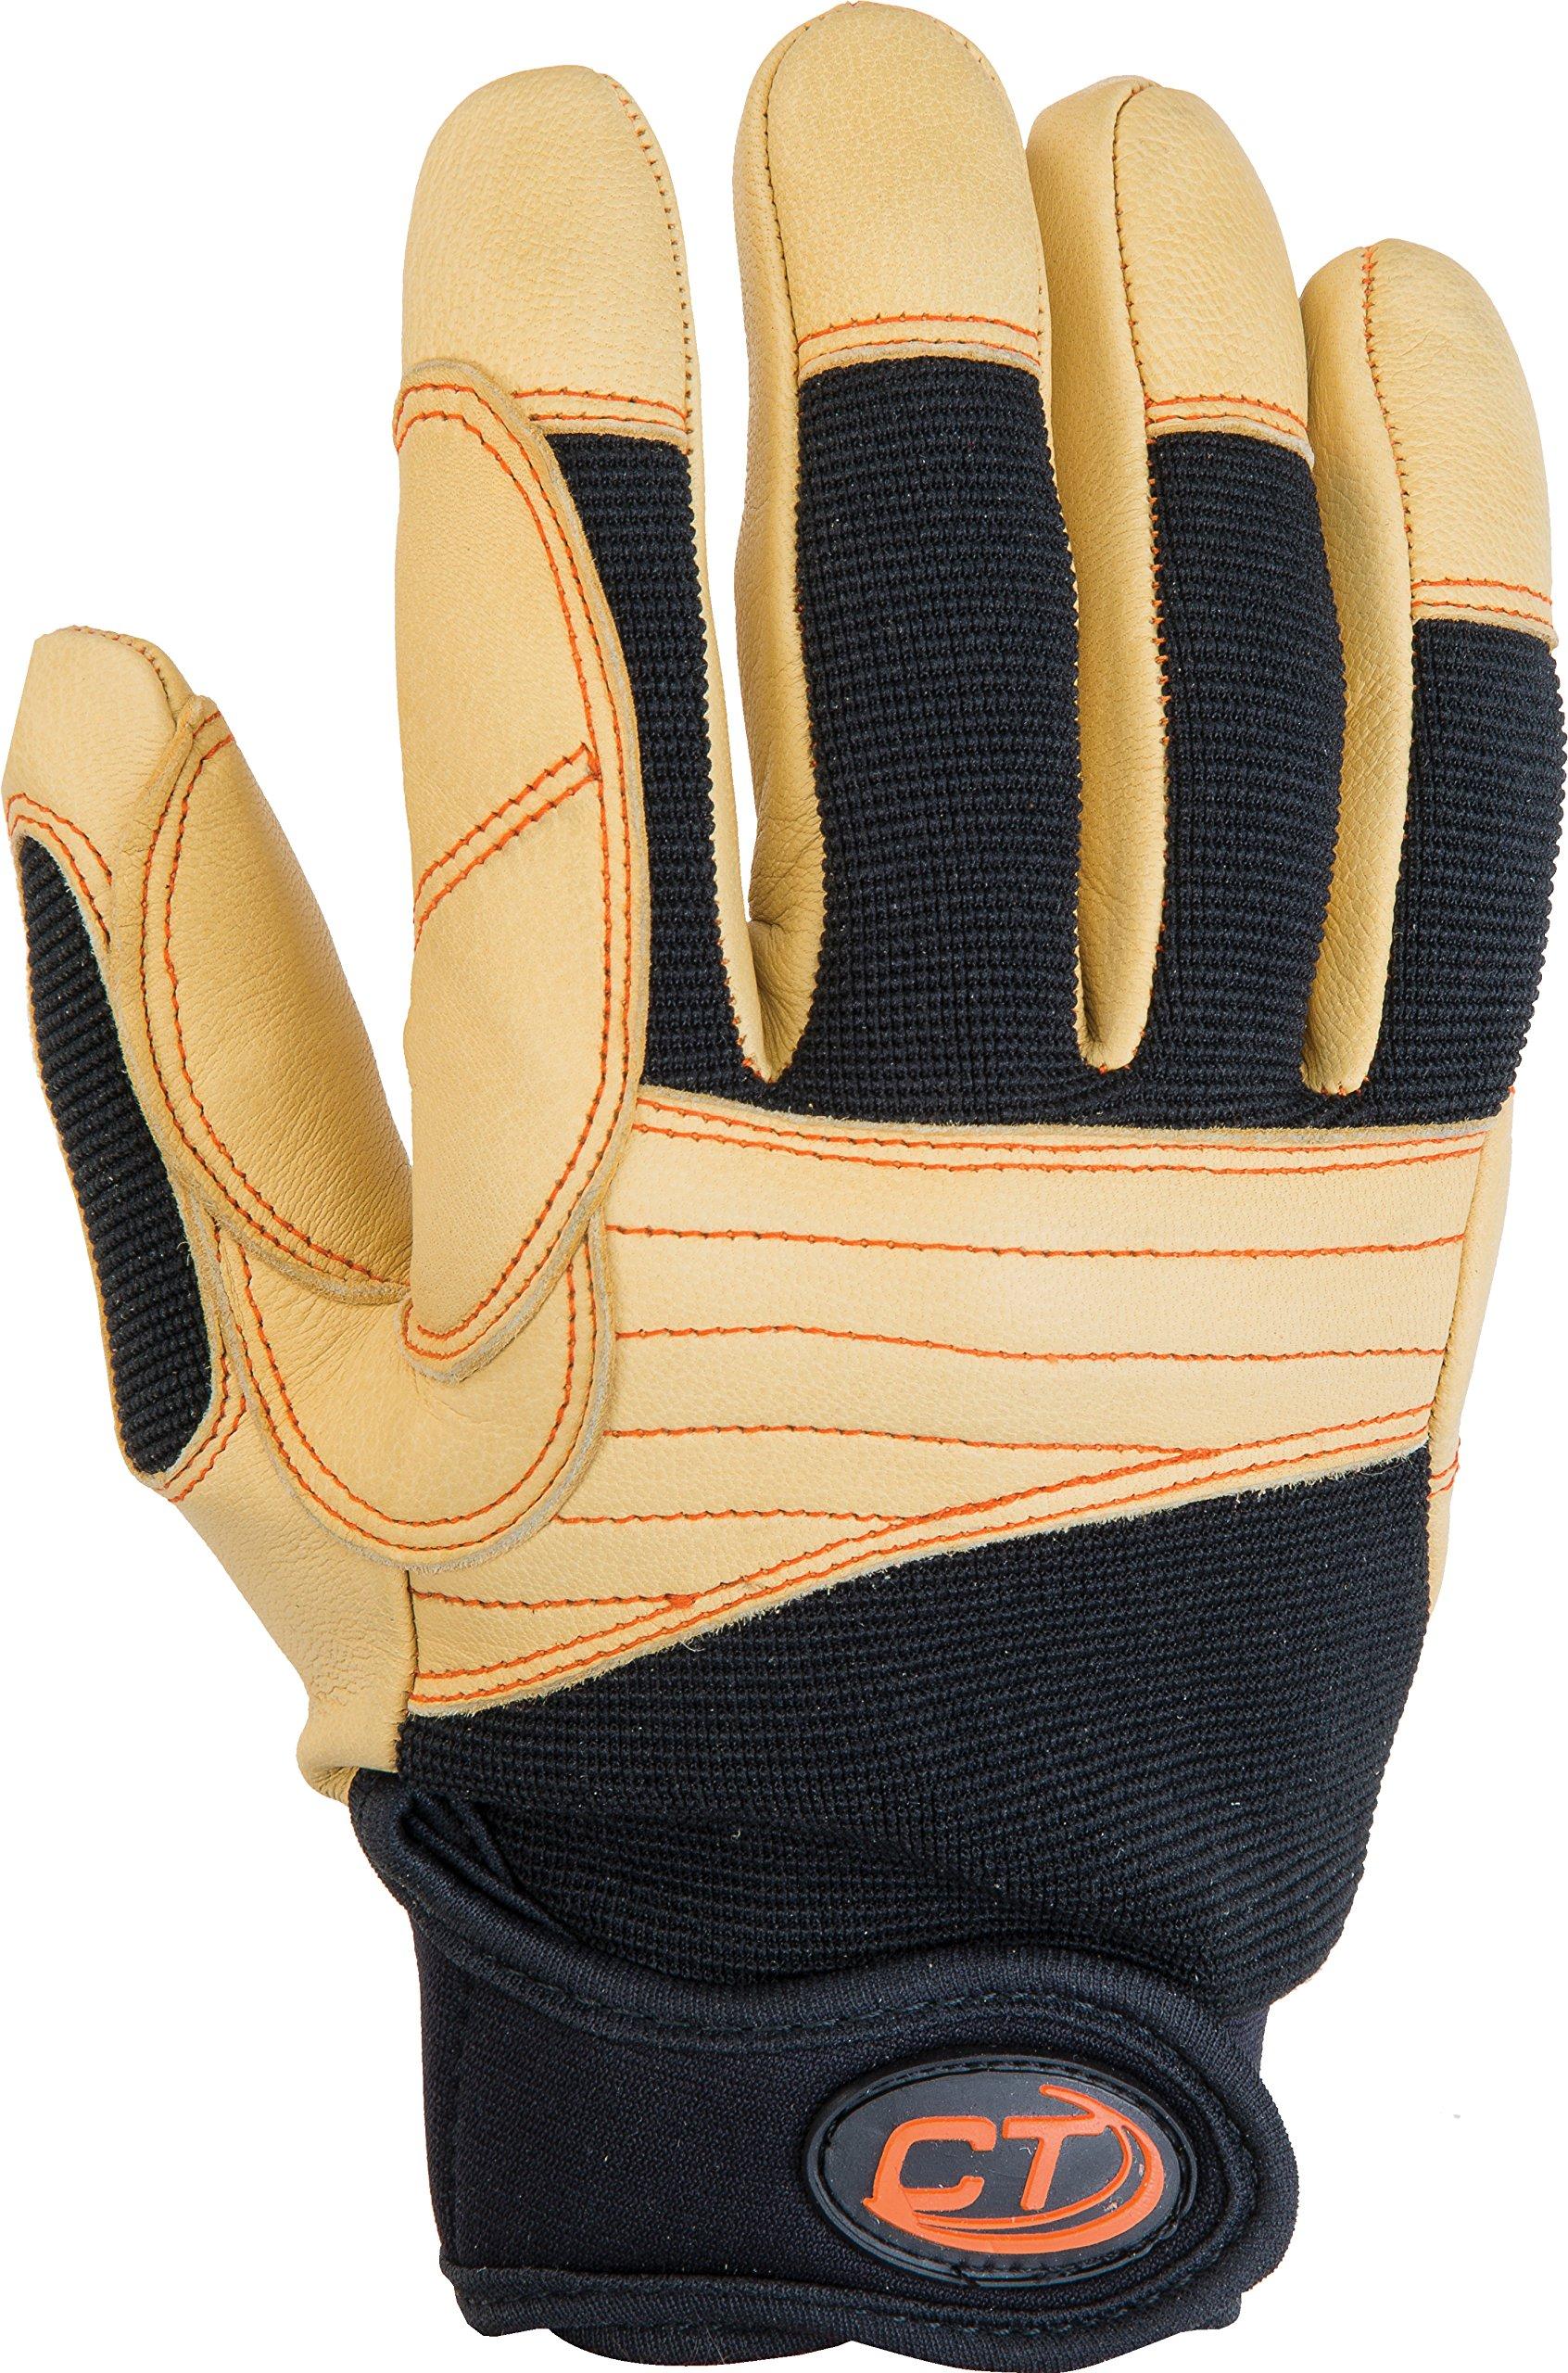 Climbing Technology ProGrip Plus Fingerhandschuh, Unisex, braun, L